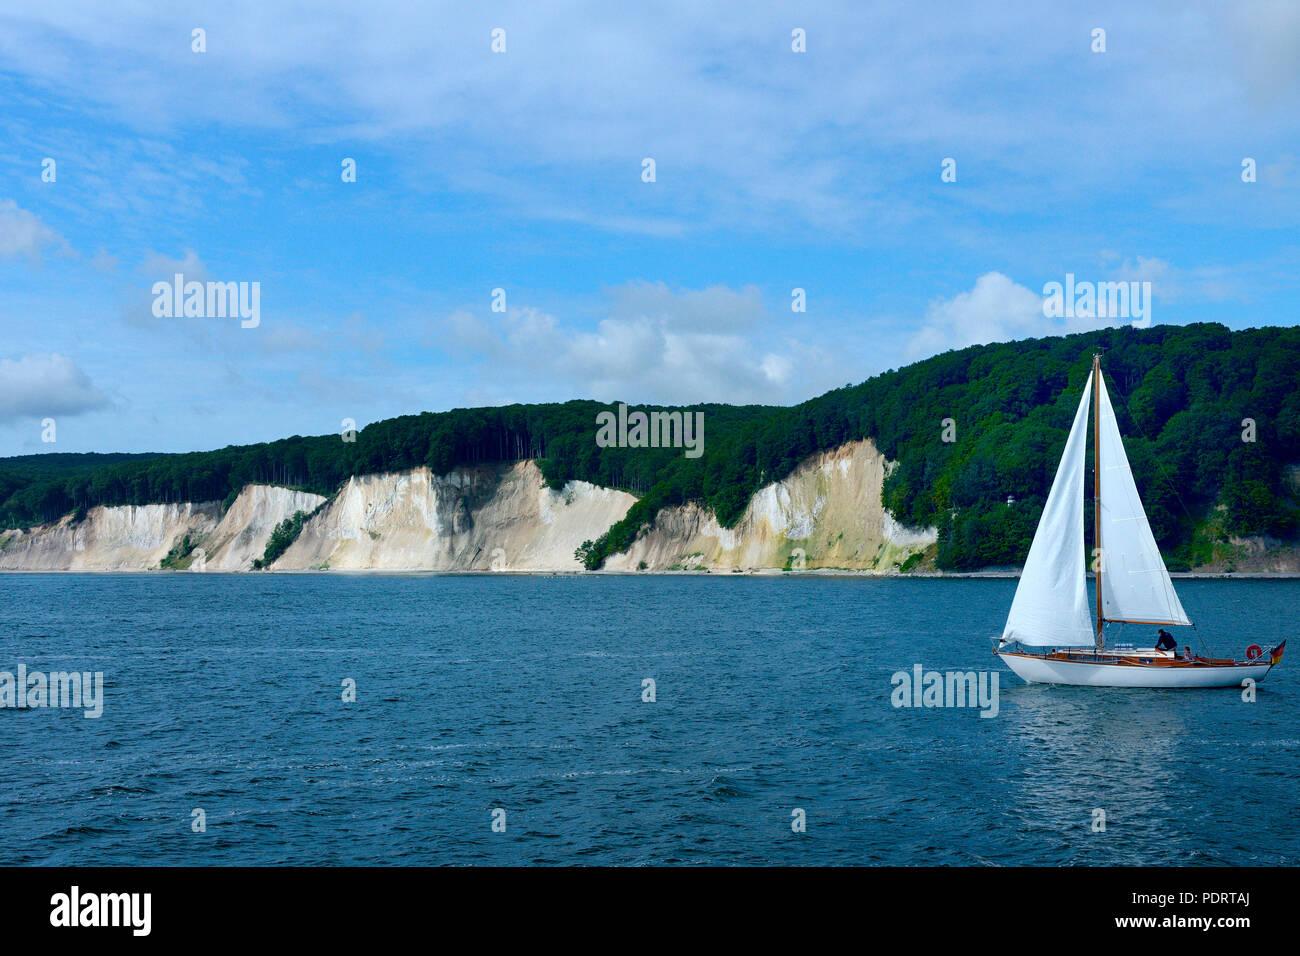 Kreidekueste mit Segelboot, bei Sassnitz, Insel Ruegen, Nationalpark Jasmund, Mecklenburg-Vorpommern, Deutschland, Europa - Stock Image